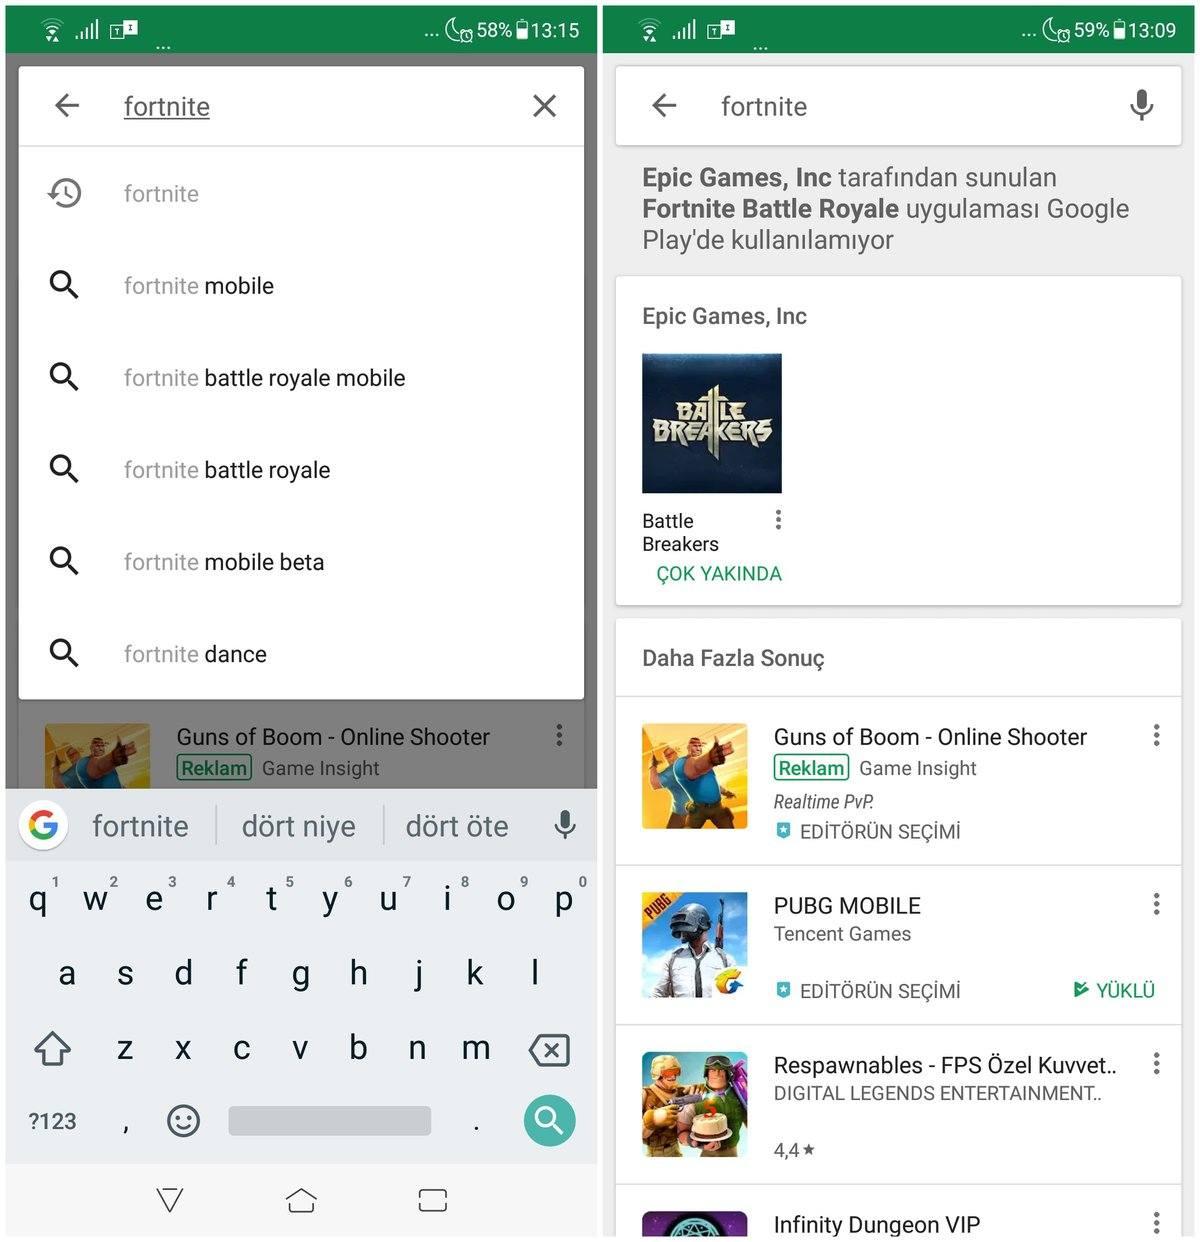 Google'dan Play Store'da Fortnite Battle Royale uyarısı